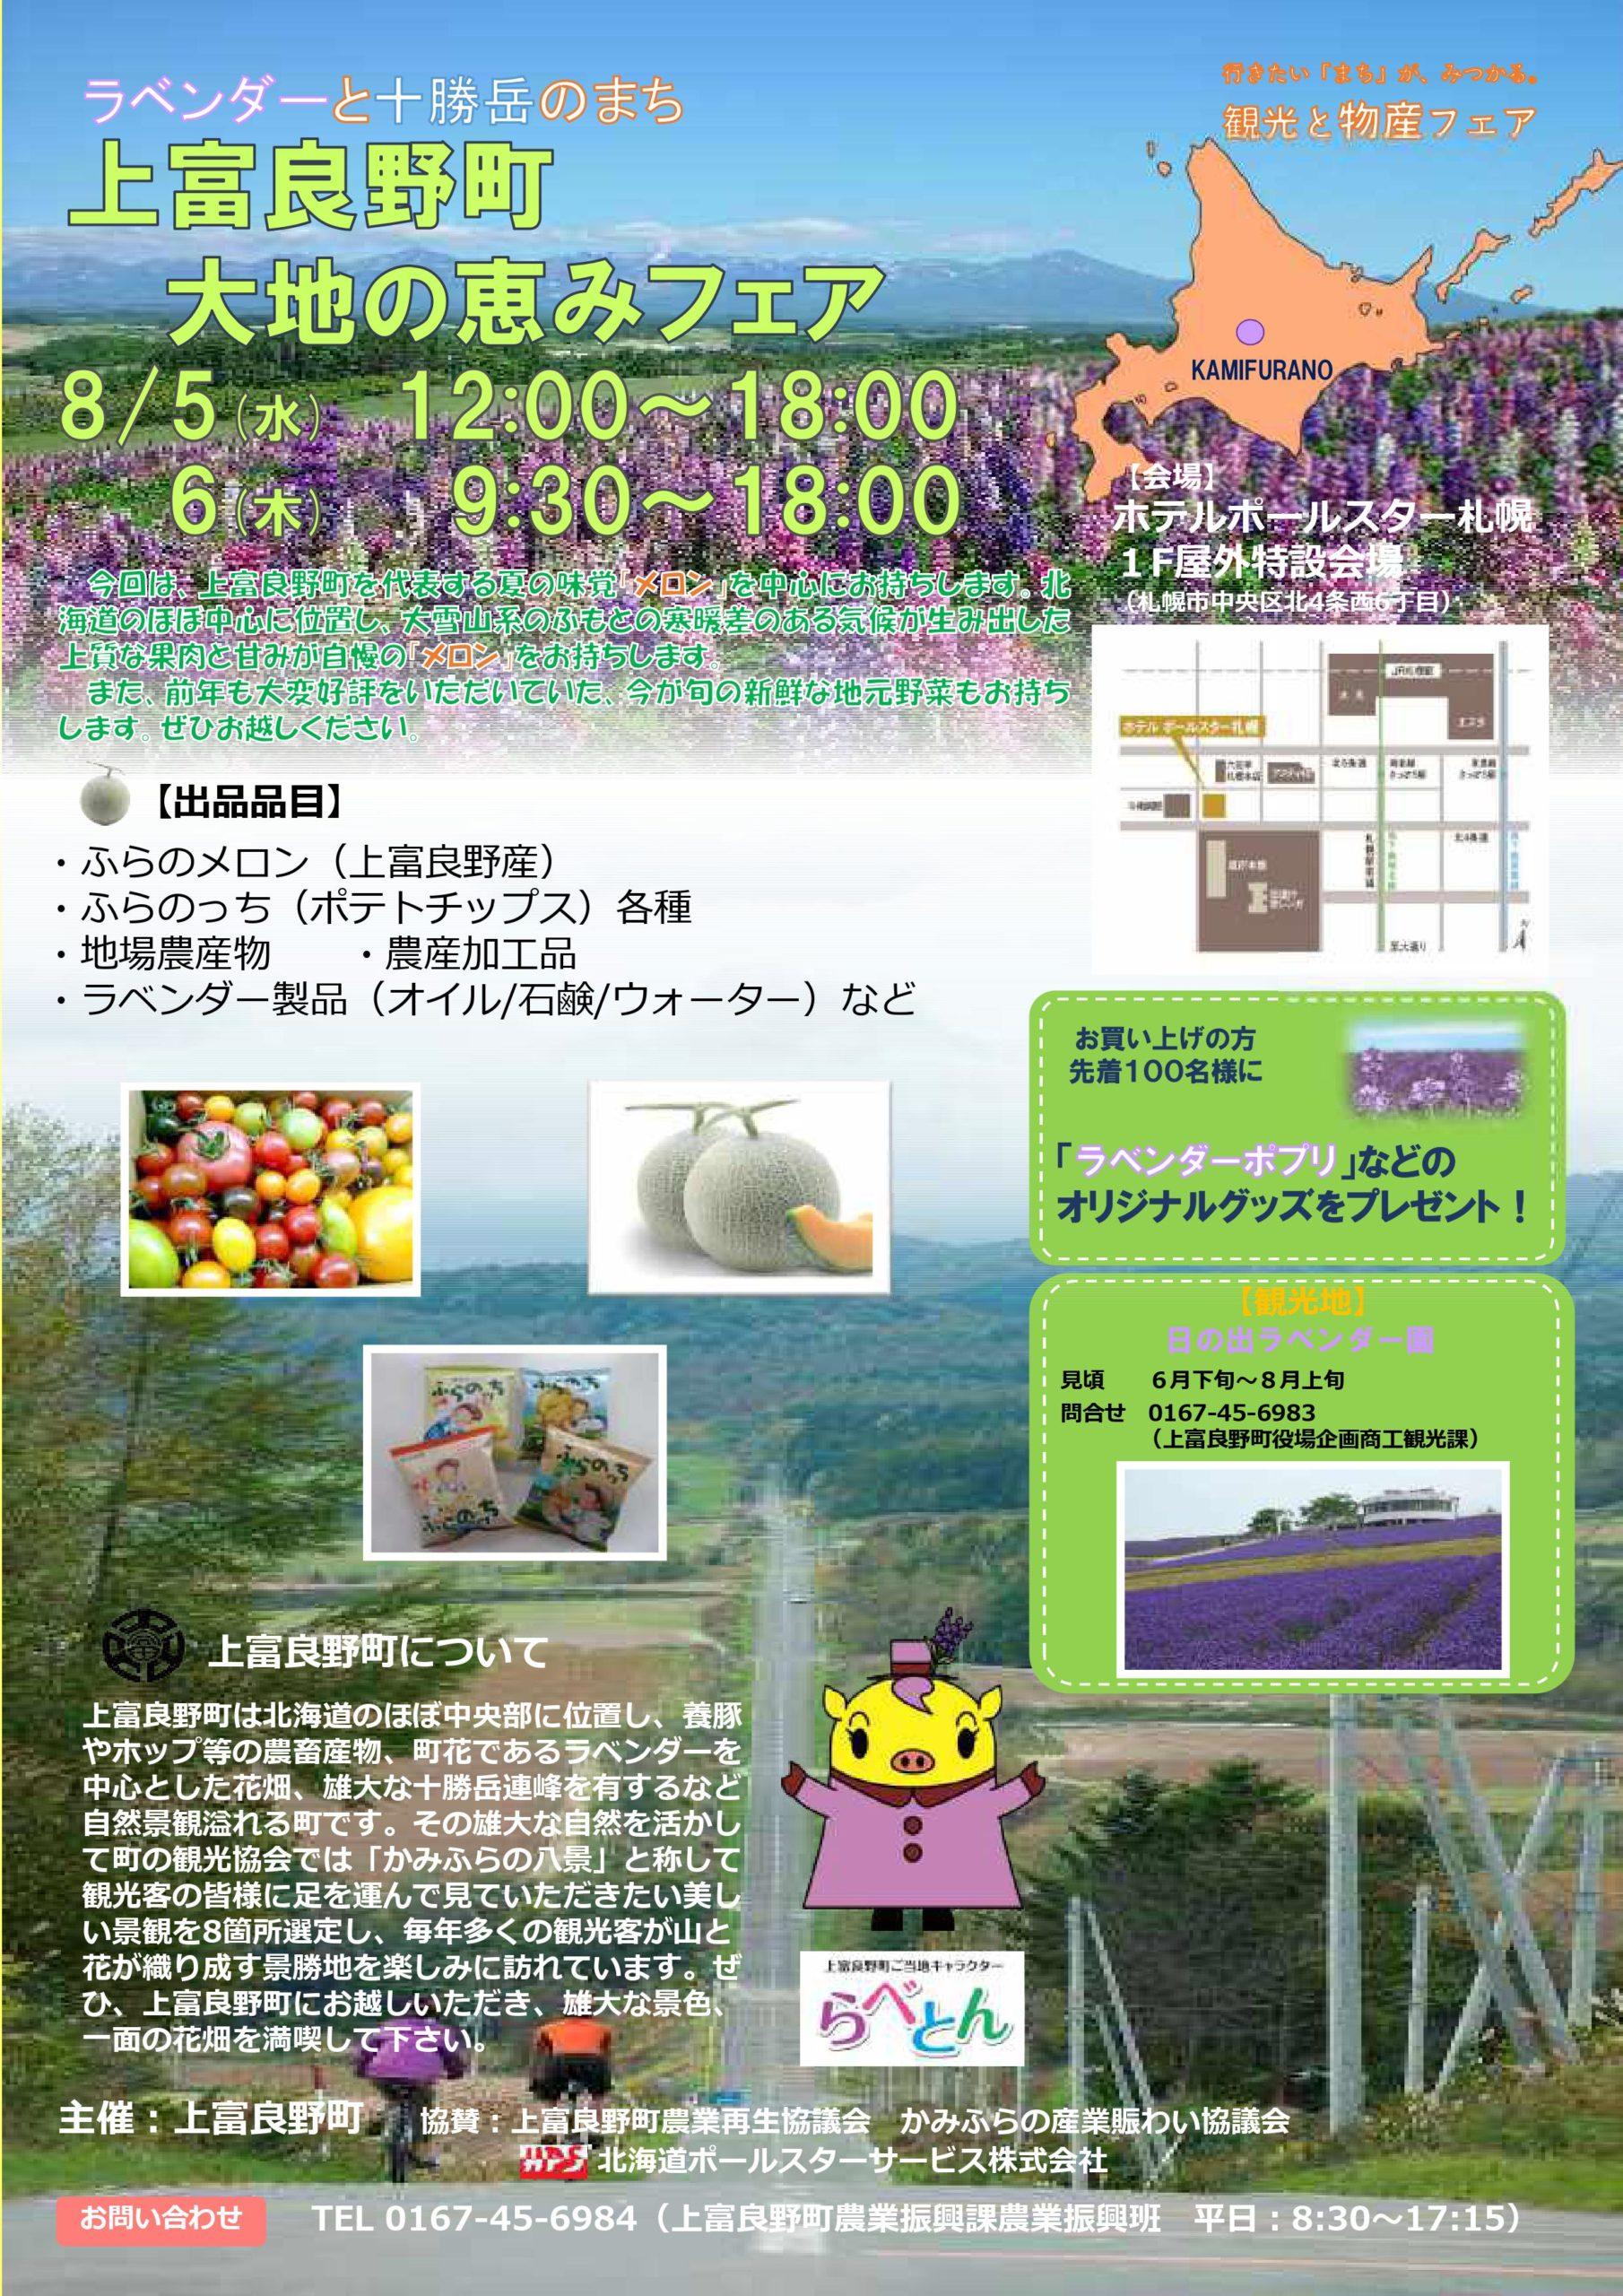 上富良野町観光物産展(8月5日~6日)が開かれます。